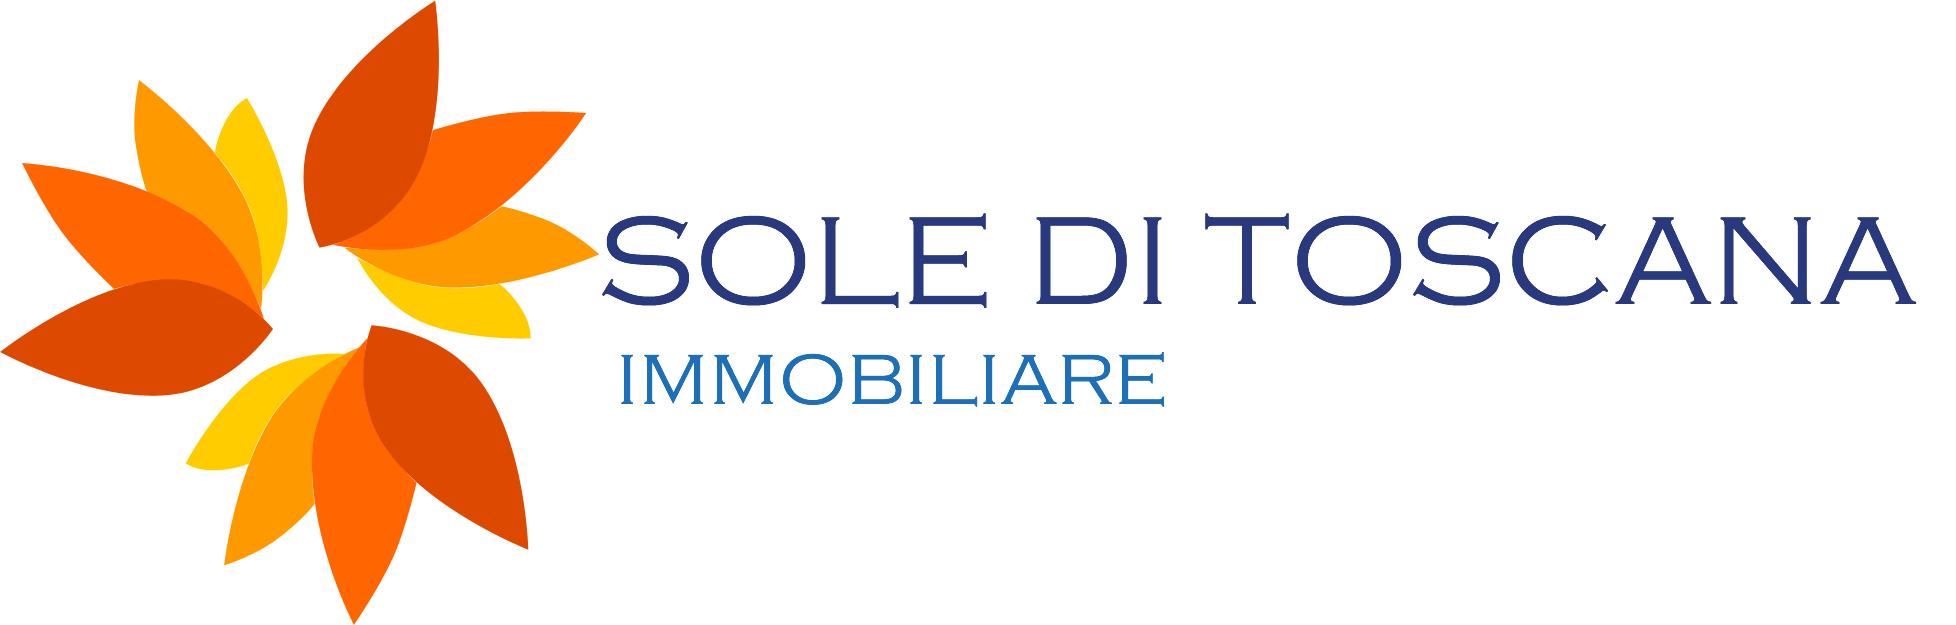 SOLE DI TOSCANA Immobiliare di Monica Papalini